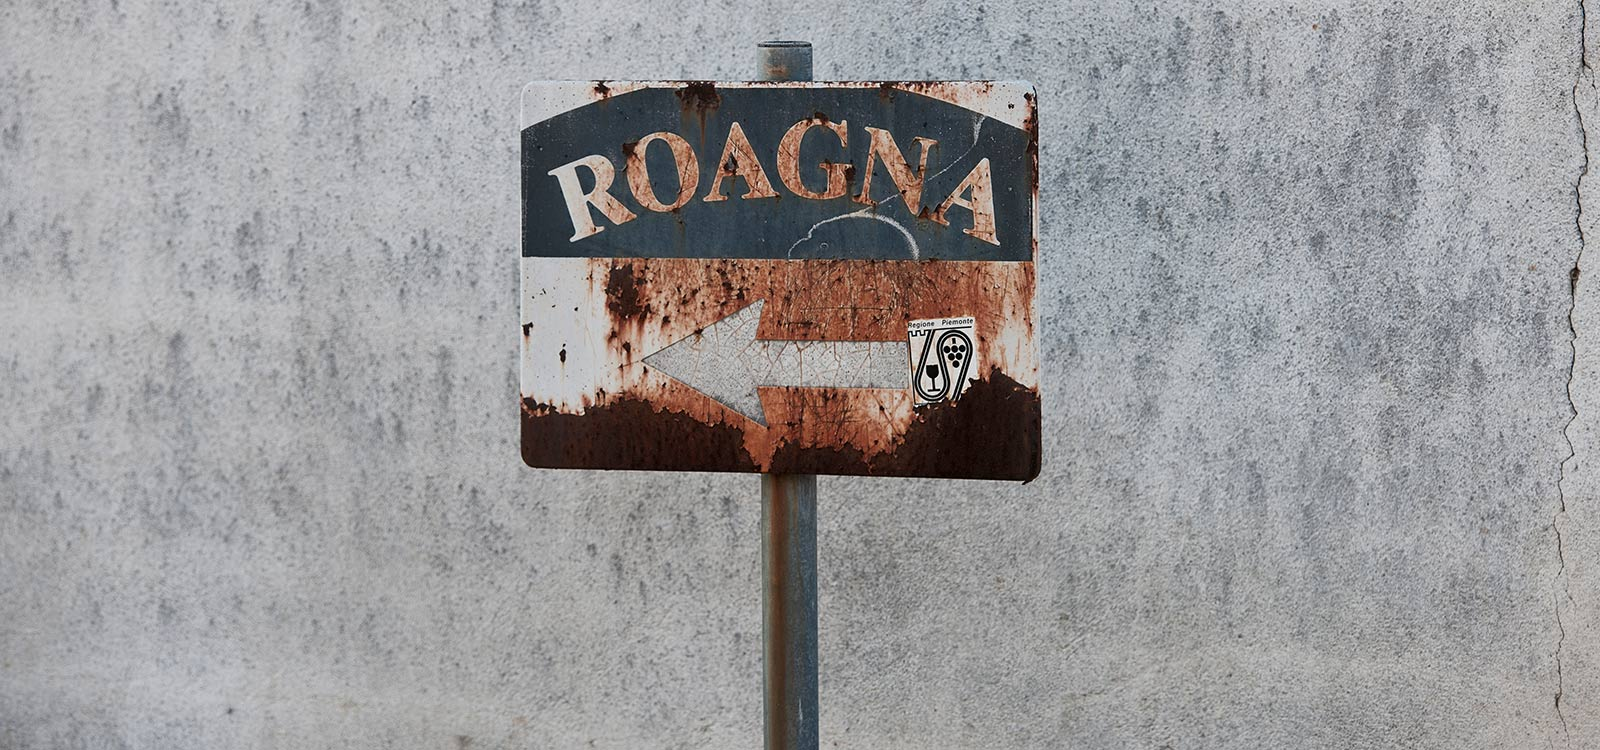 Contatti - Roagna Azienda Agricola i Paglieri